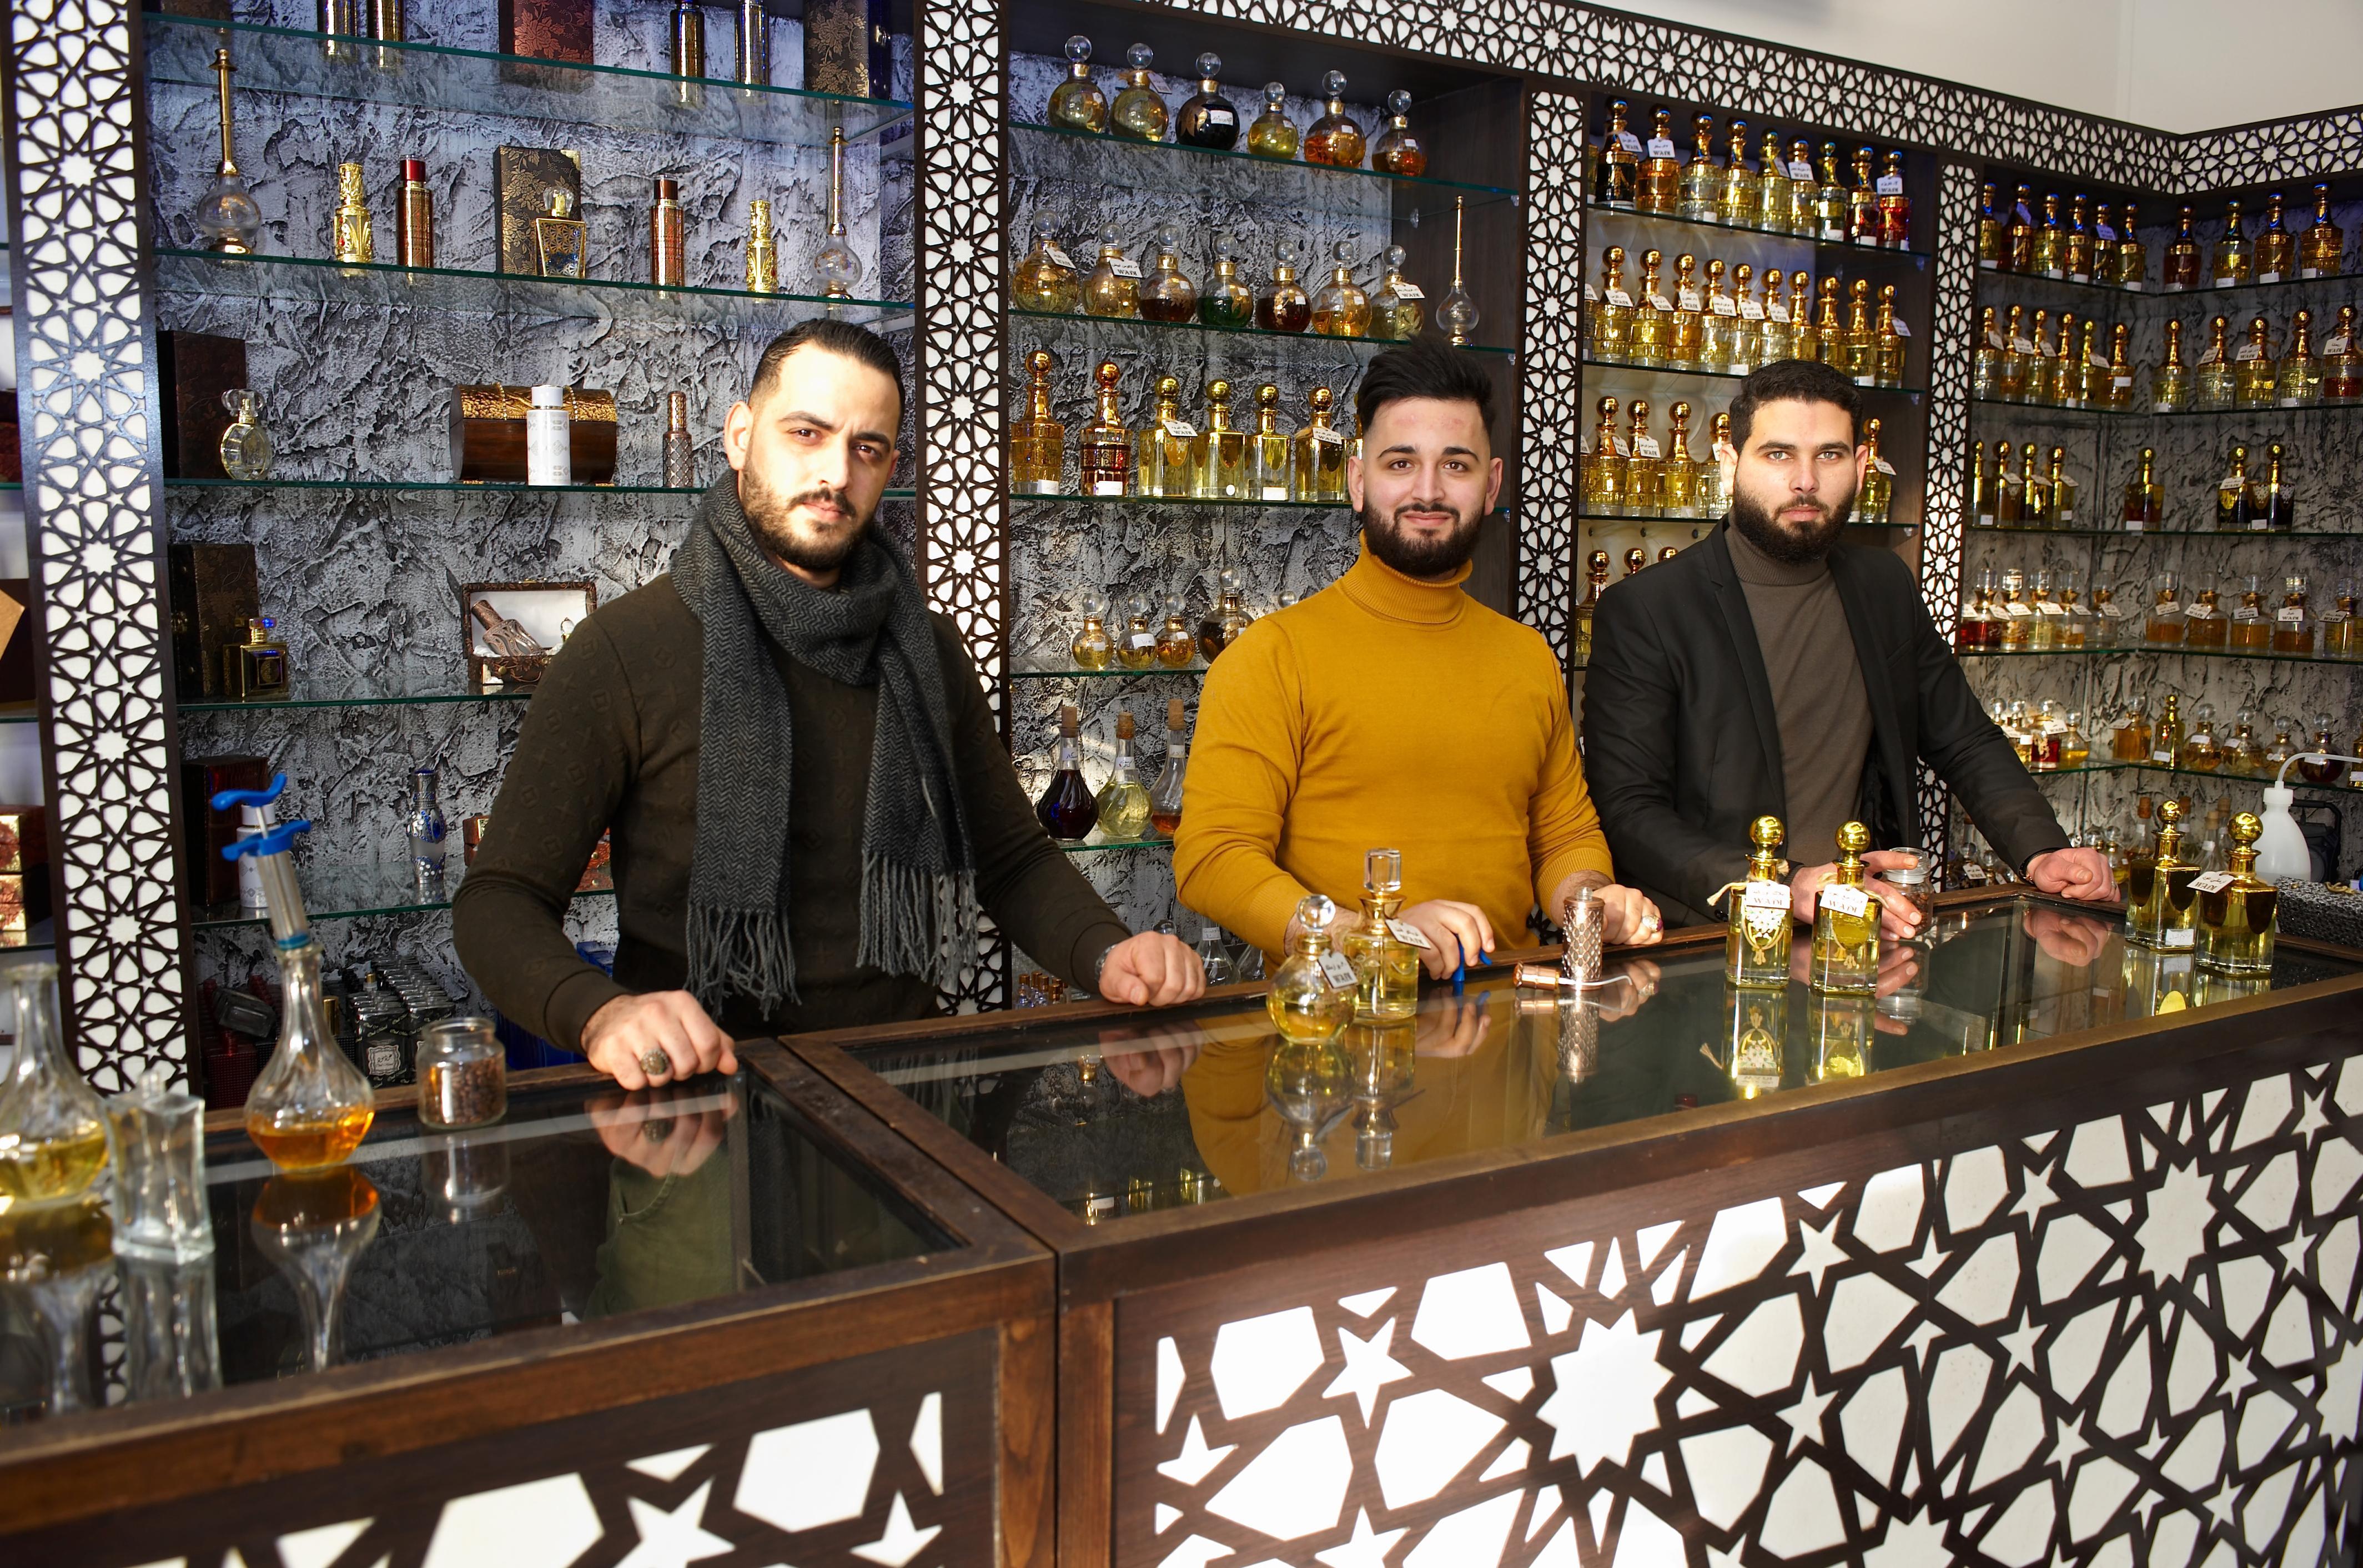 Weekend op de Beverwijkse Bazaar: 'Parfumkeuze is meer dan reuze' bij Wadi